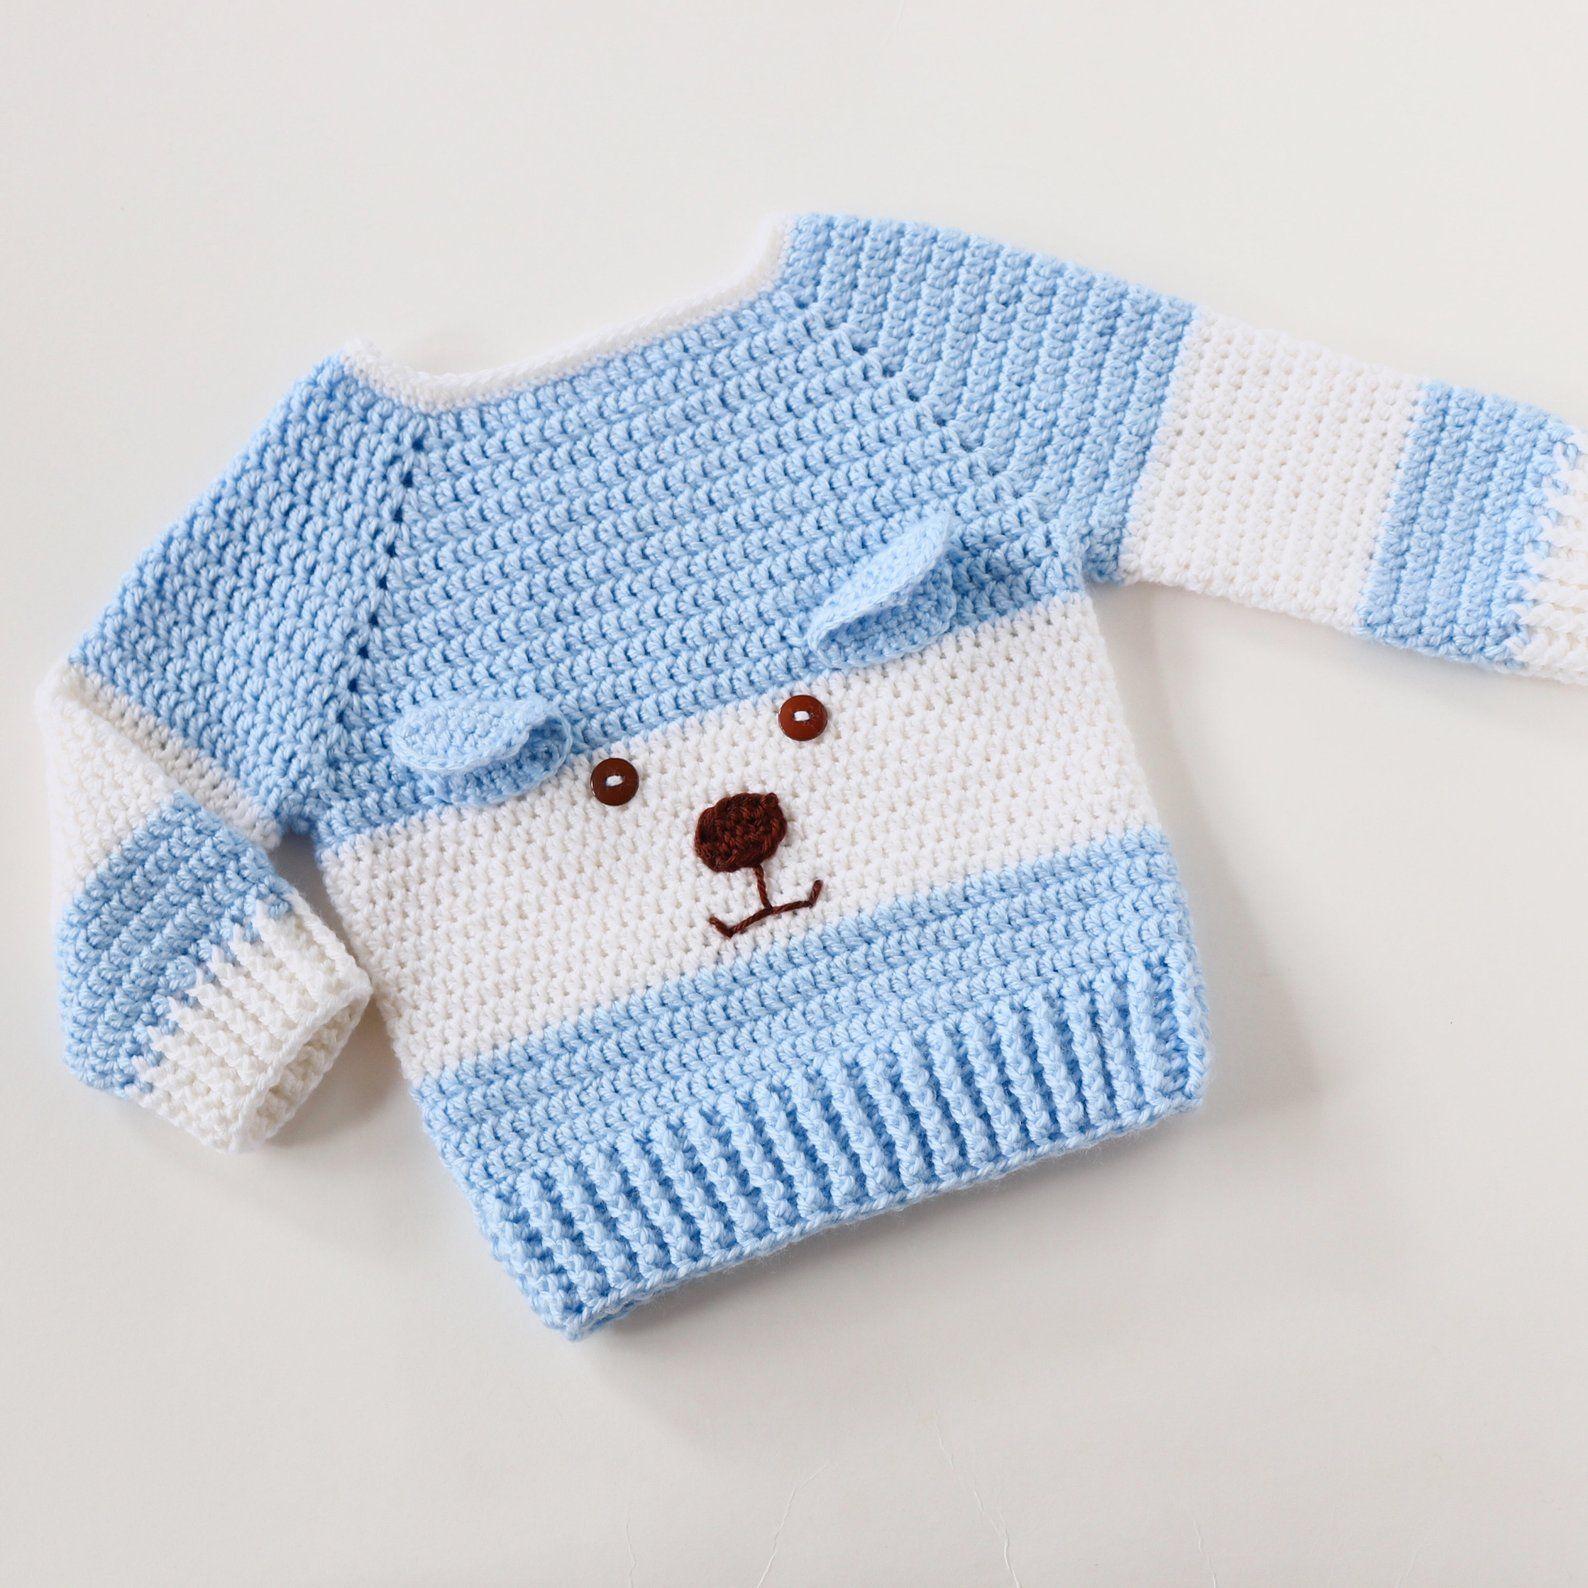 Pull bébé garçon, pull encolure dégagée, Cardigans bébé, cadeau pour bébé garçon, 1er cadeau d'anniversaire pour garçon, chandail, vêtements de bébé de Crochet #crochetbabycardigan